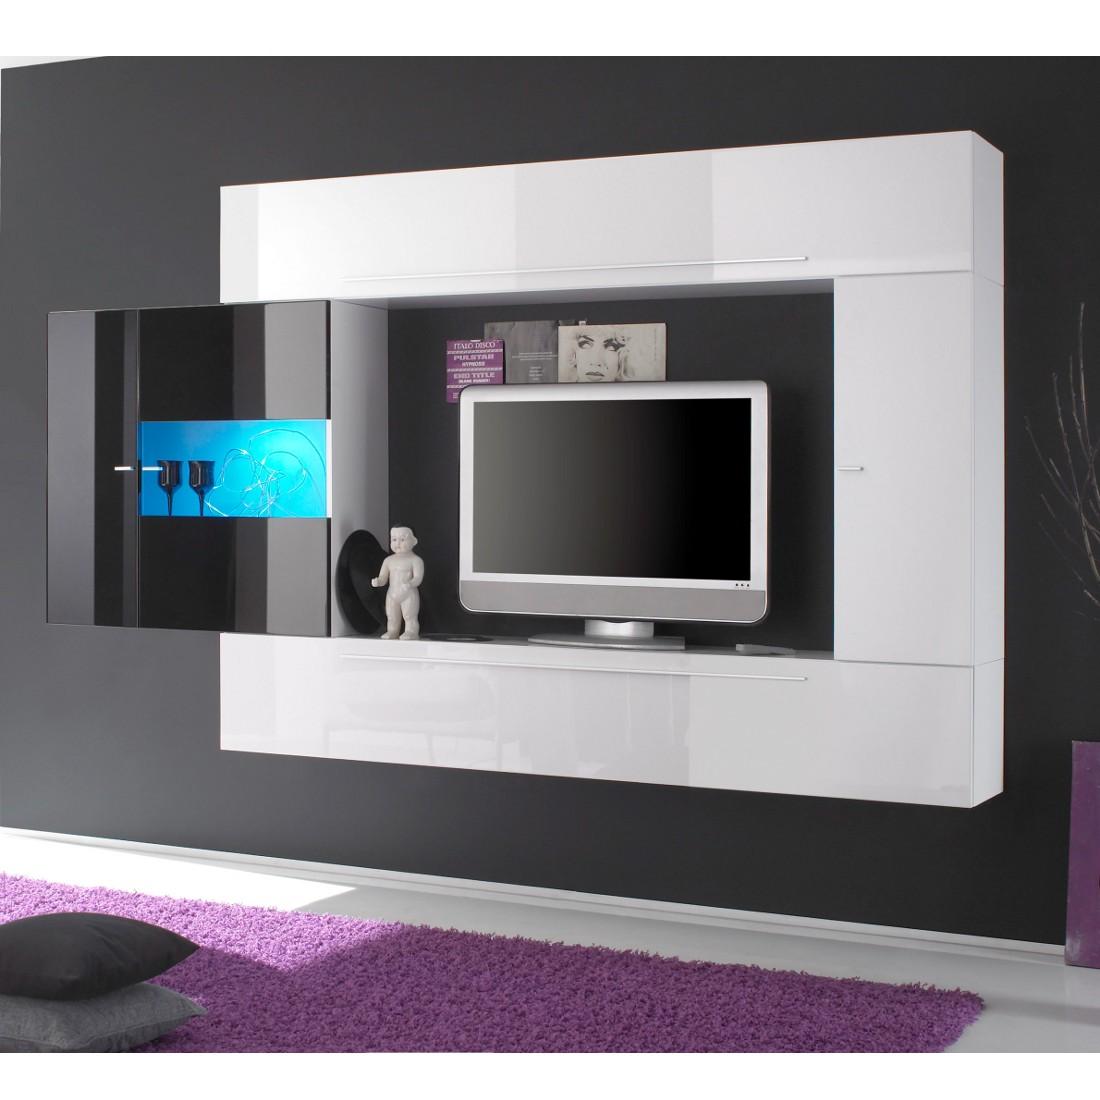 wohnwand schwarz weiss hochglanz preisvergleiche. Black Bedroom Furniture Sets. Home Design Ideas